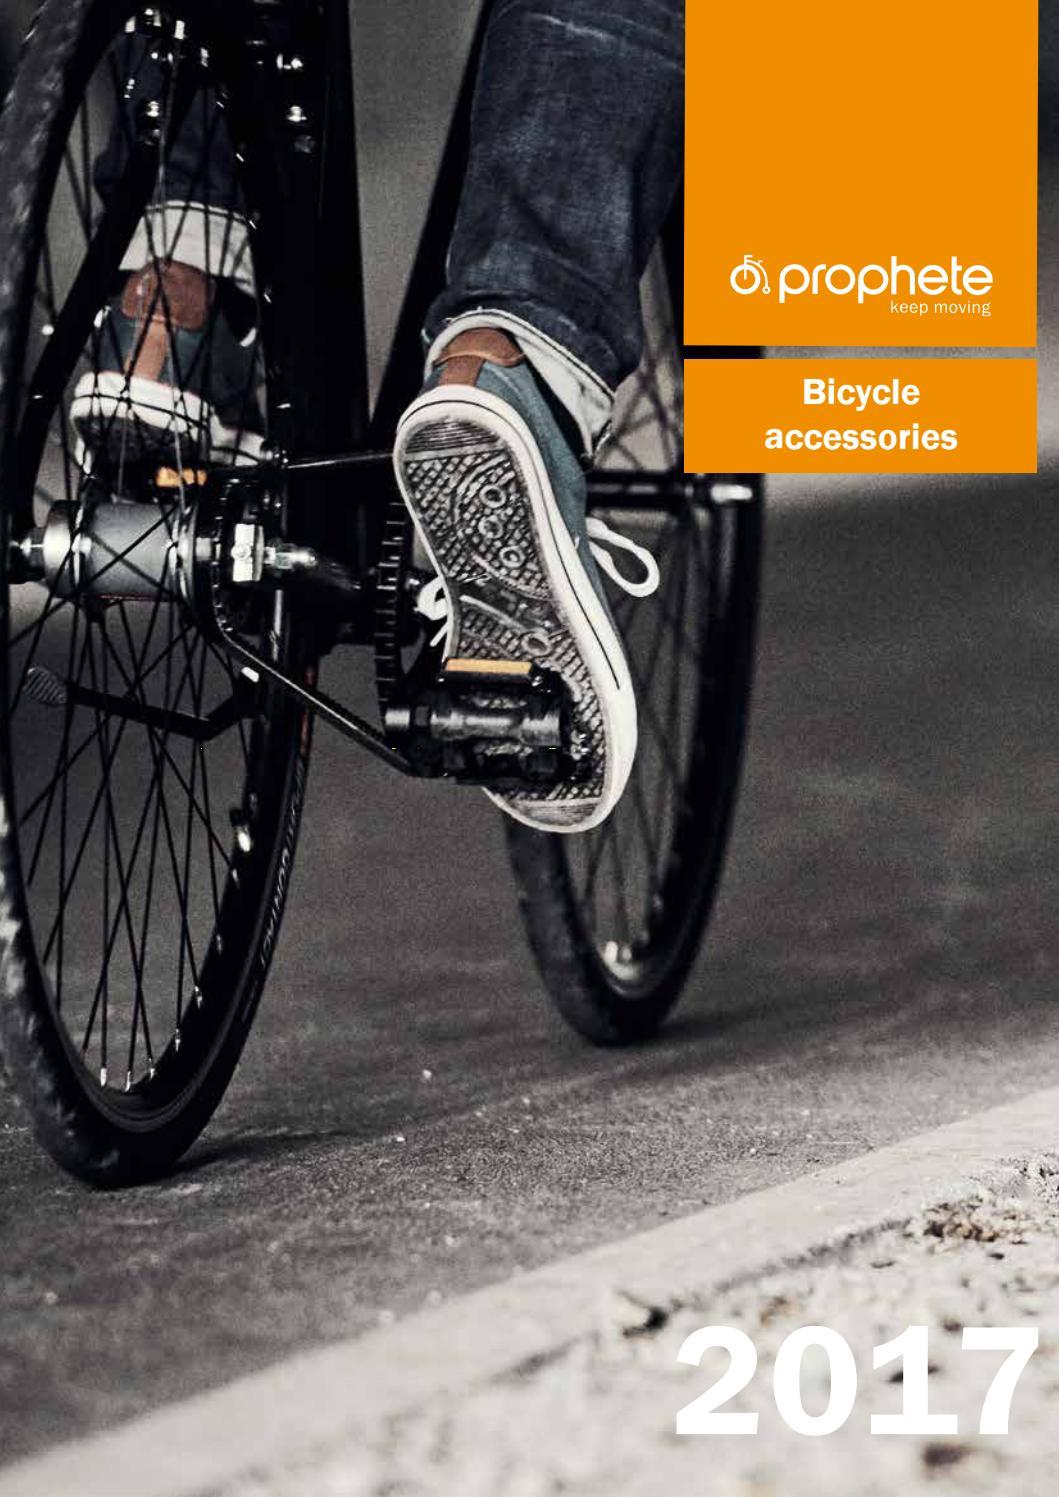 100 Pcs Bike Bicycle Wheel Bearing Steel Balls 7mm Diameter SODIAL R